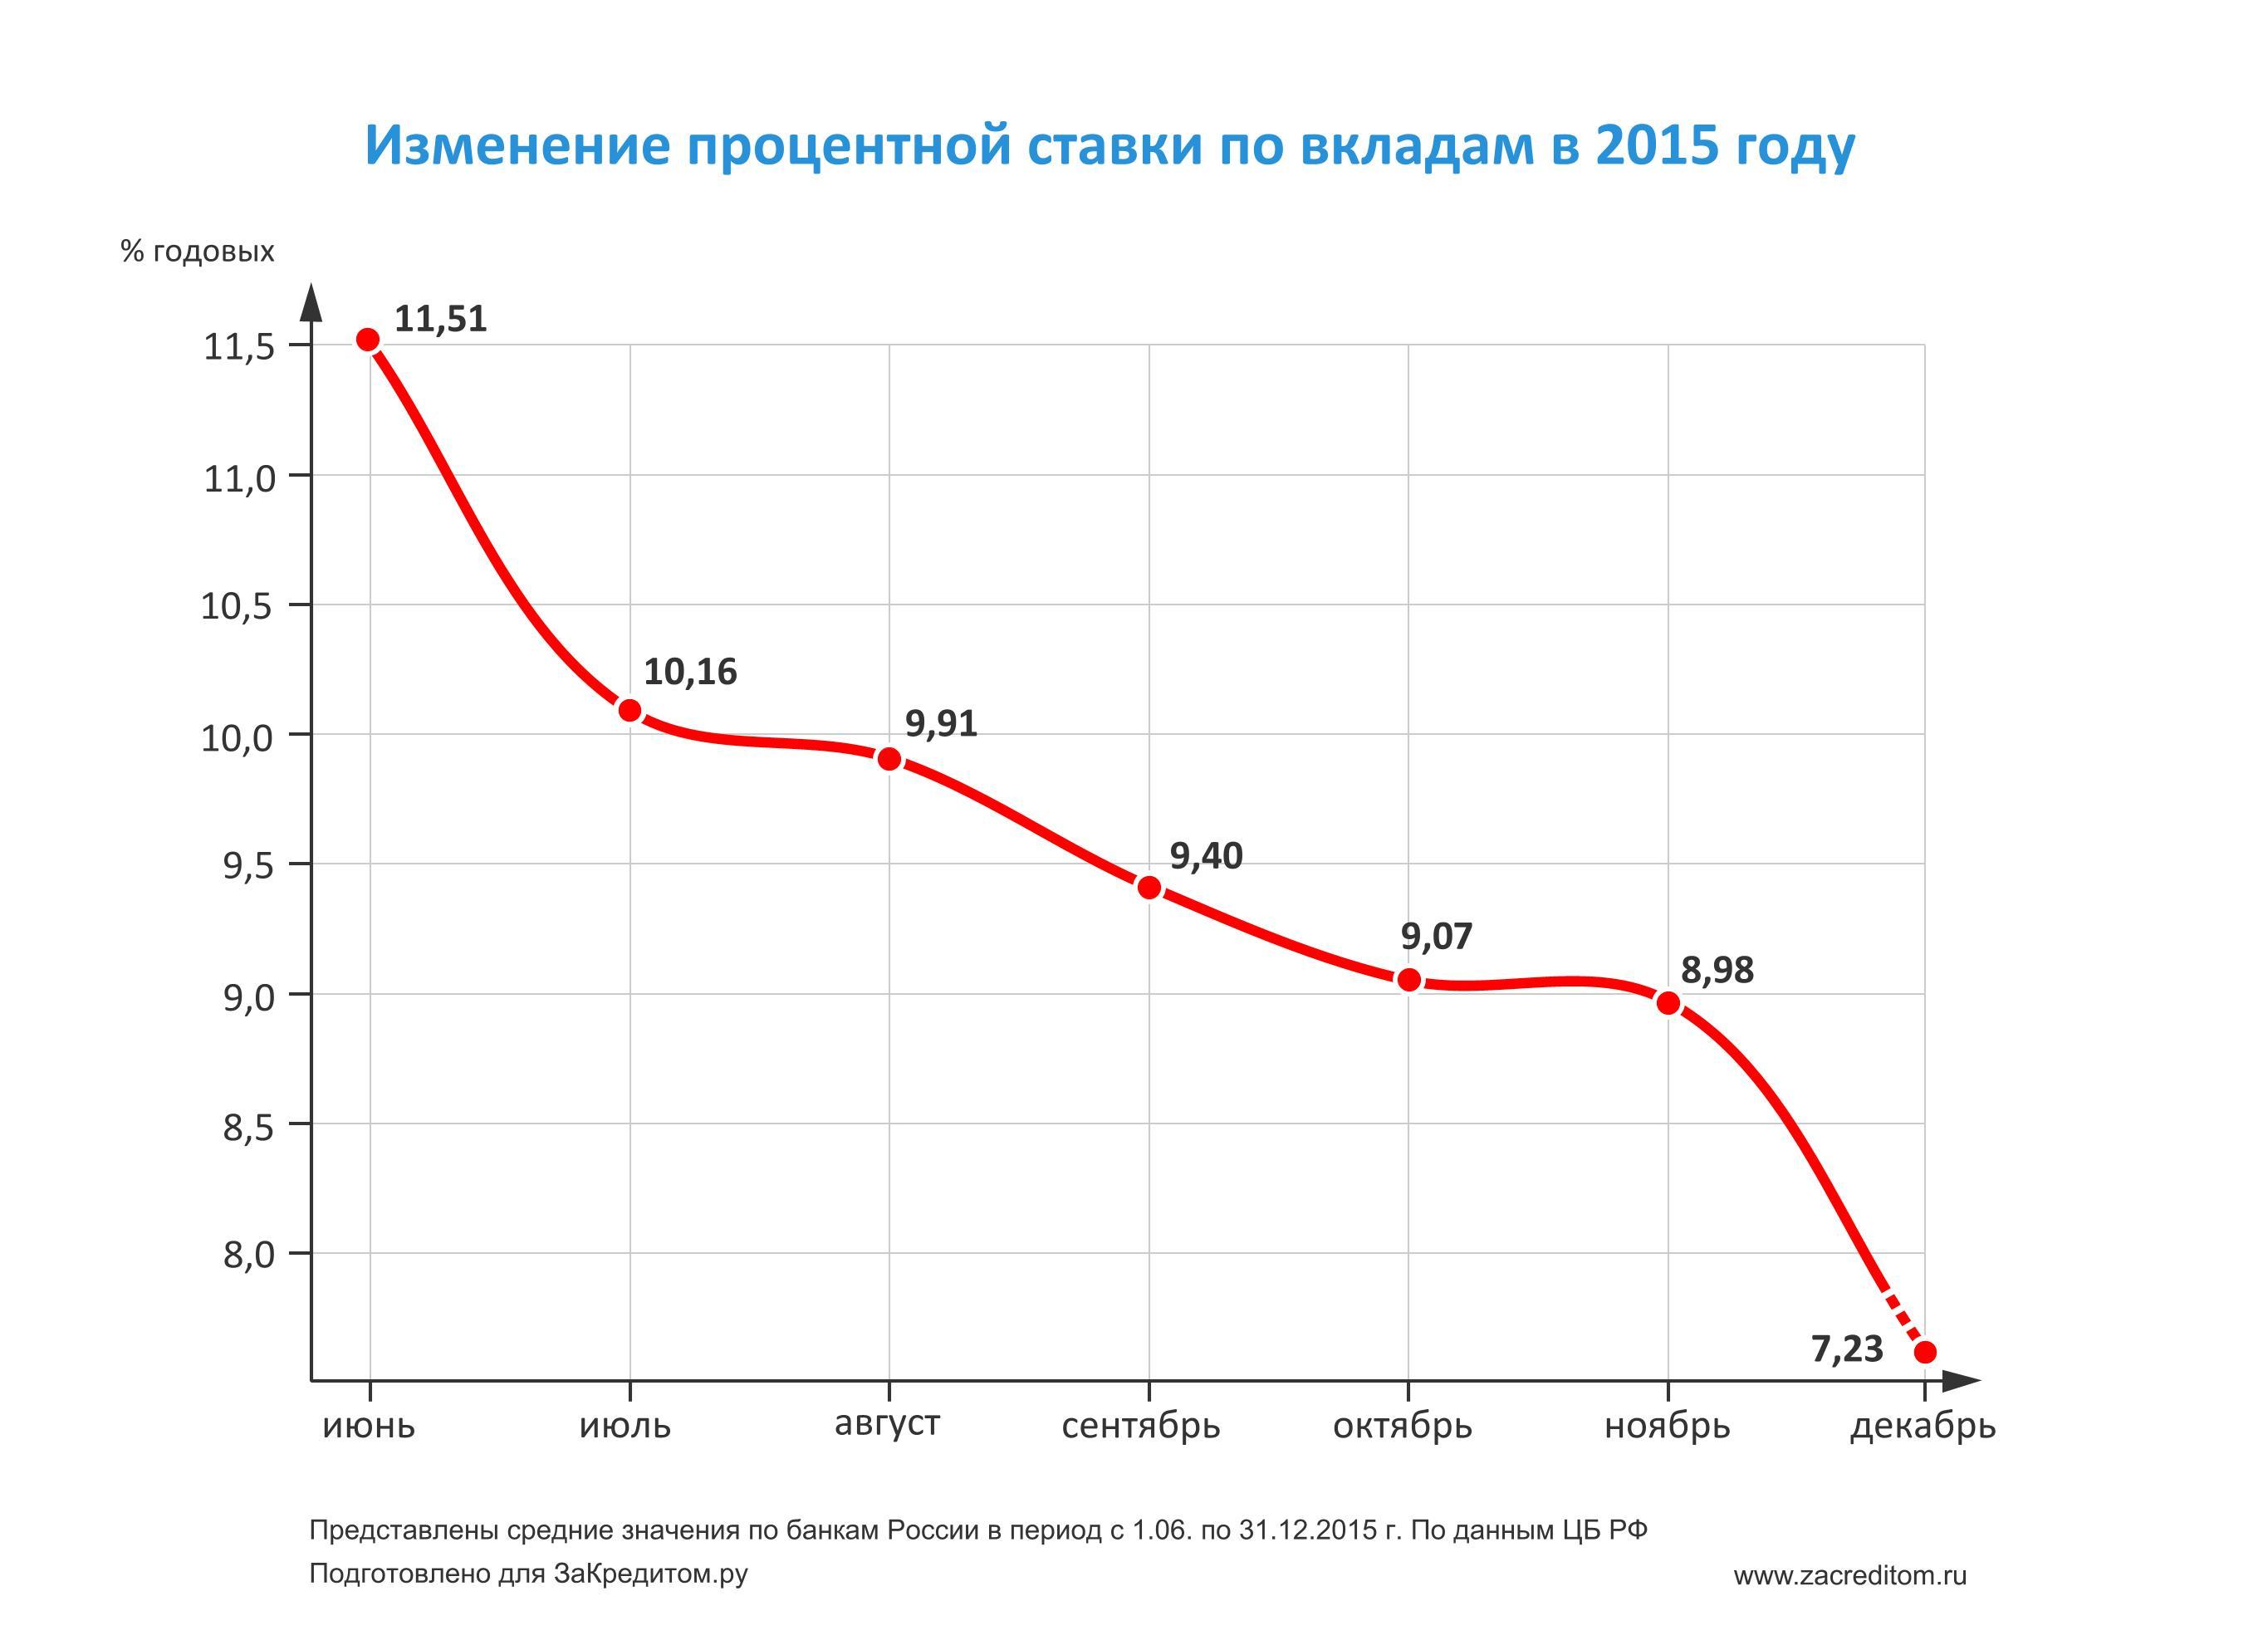 проценты по займам 2015